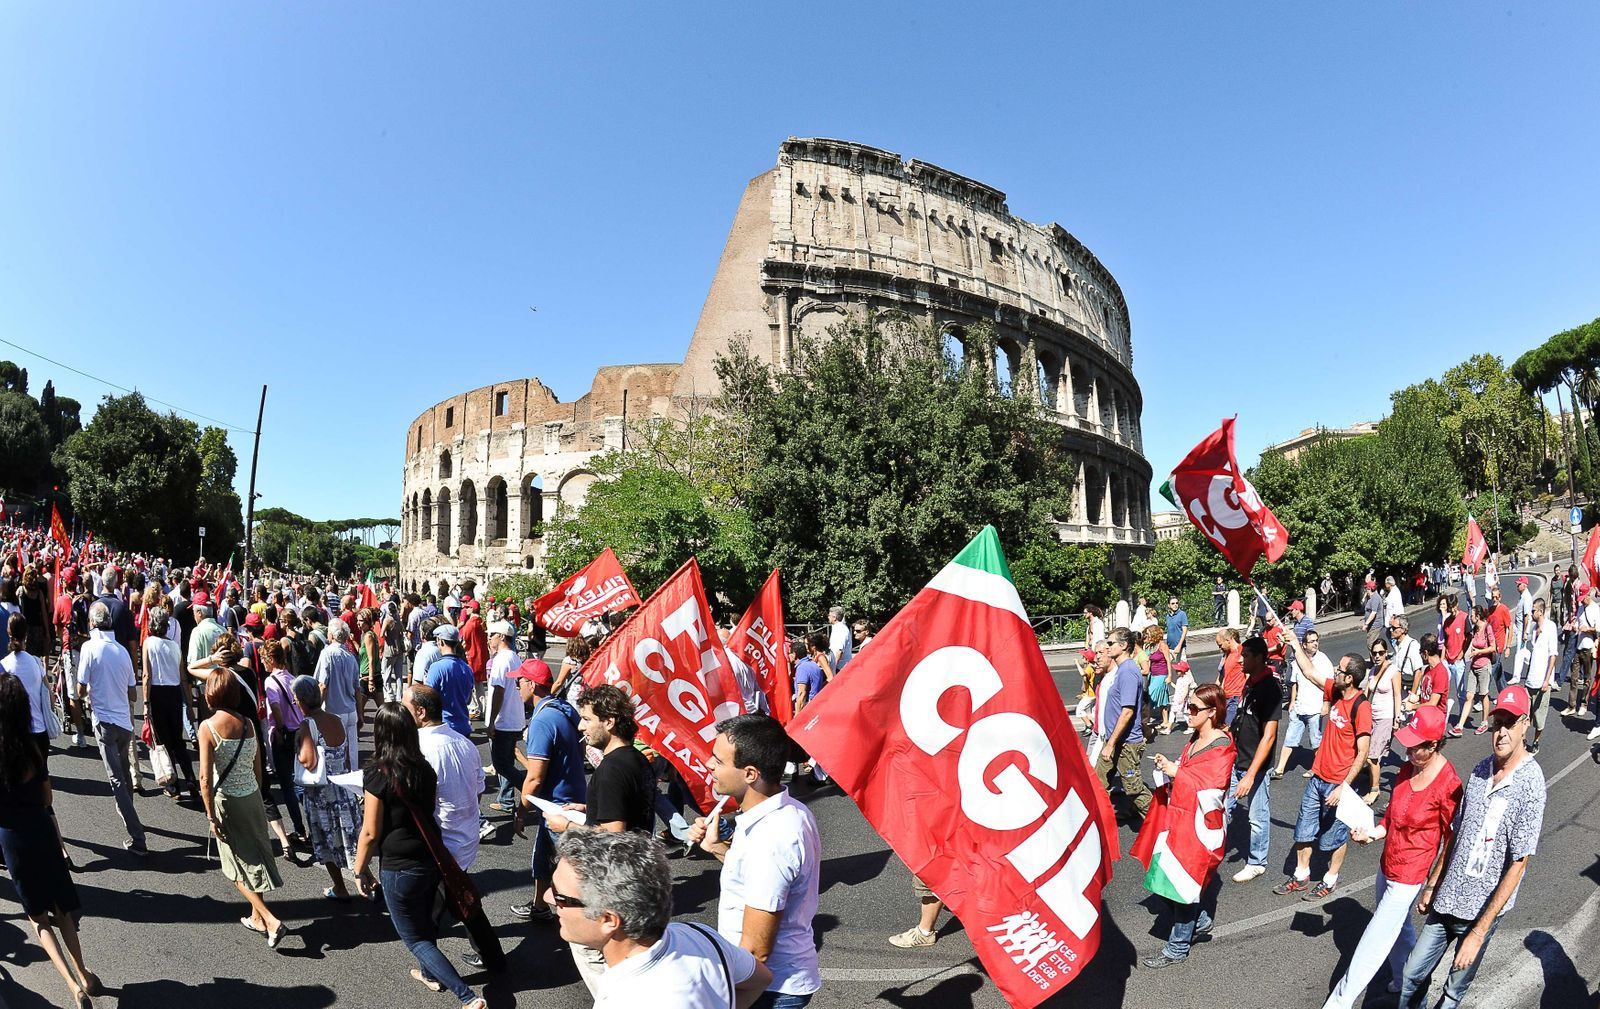 Italien / Rom / Colosseum / Streik / Demonstration